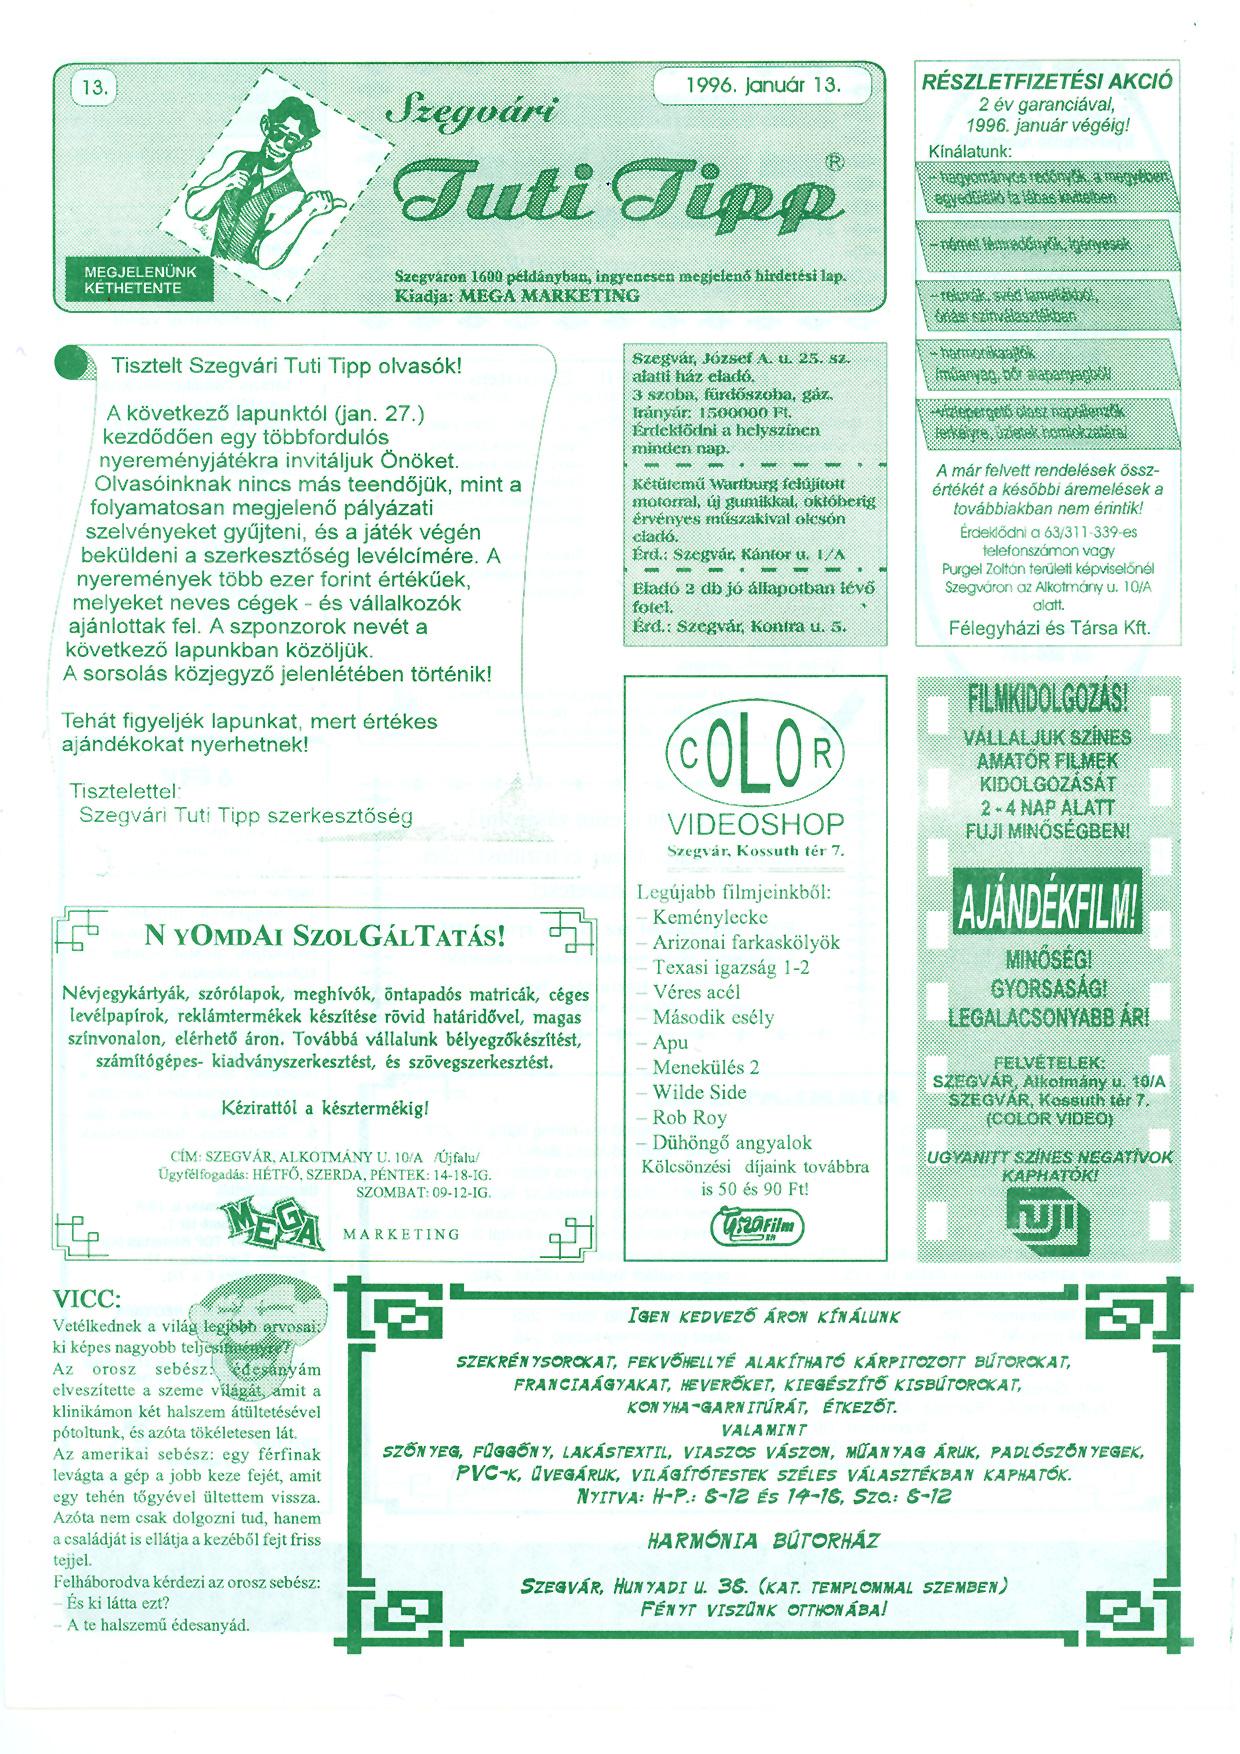 001 Szegvári Tuti Tipp reklámújság - 19960113-013. lapszám - 1.oldal - II. évfolyam.jpg